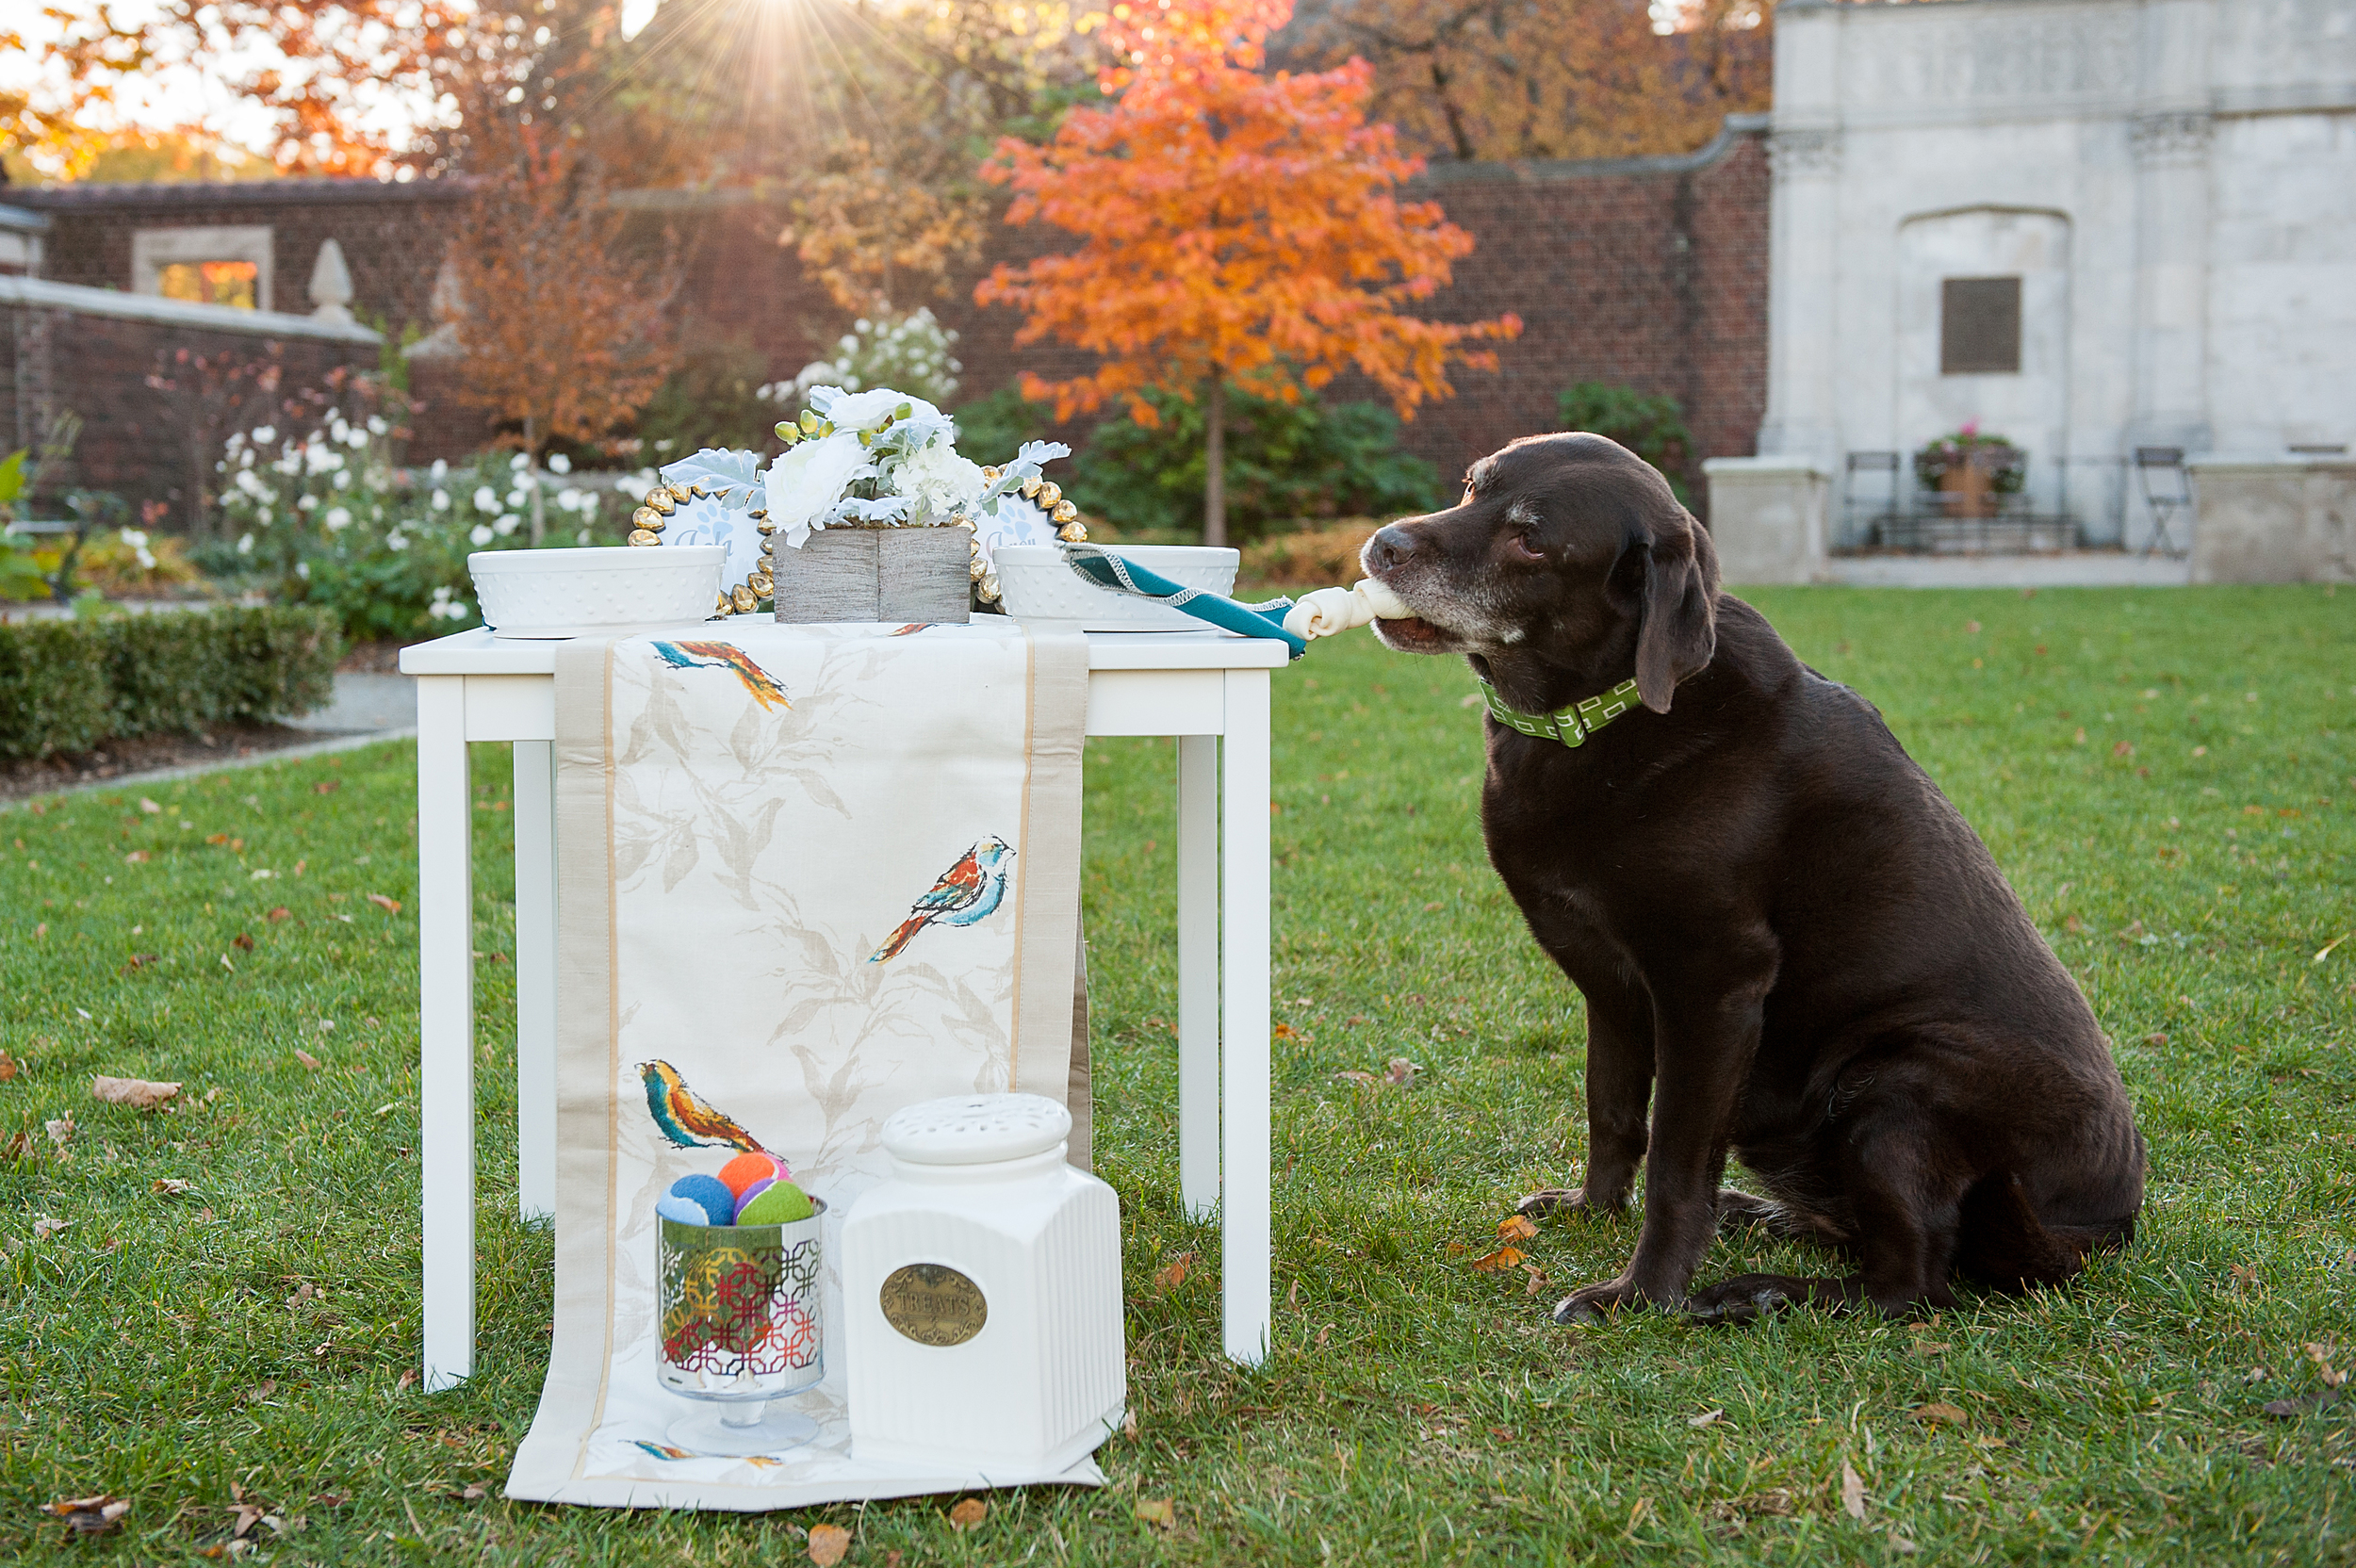 dog-birthday-party-jenny-karlsson-010.jpg